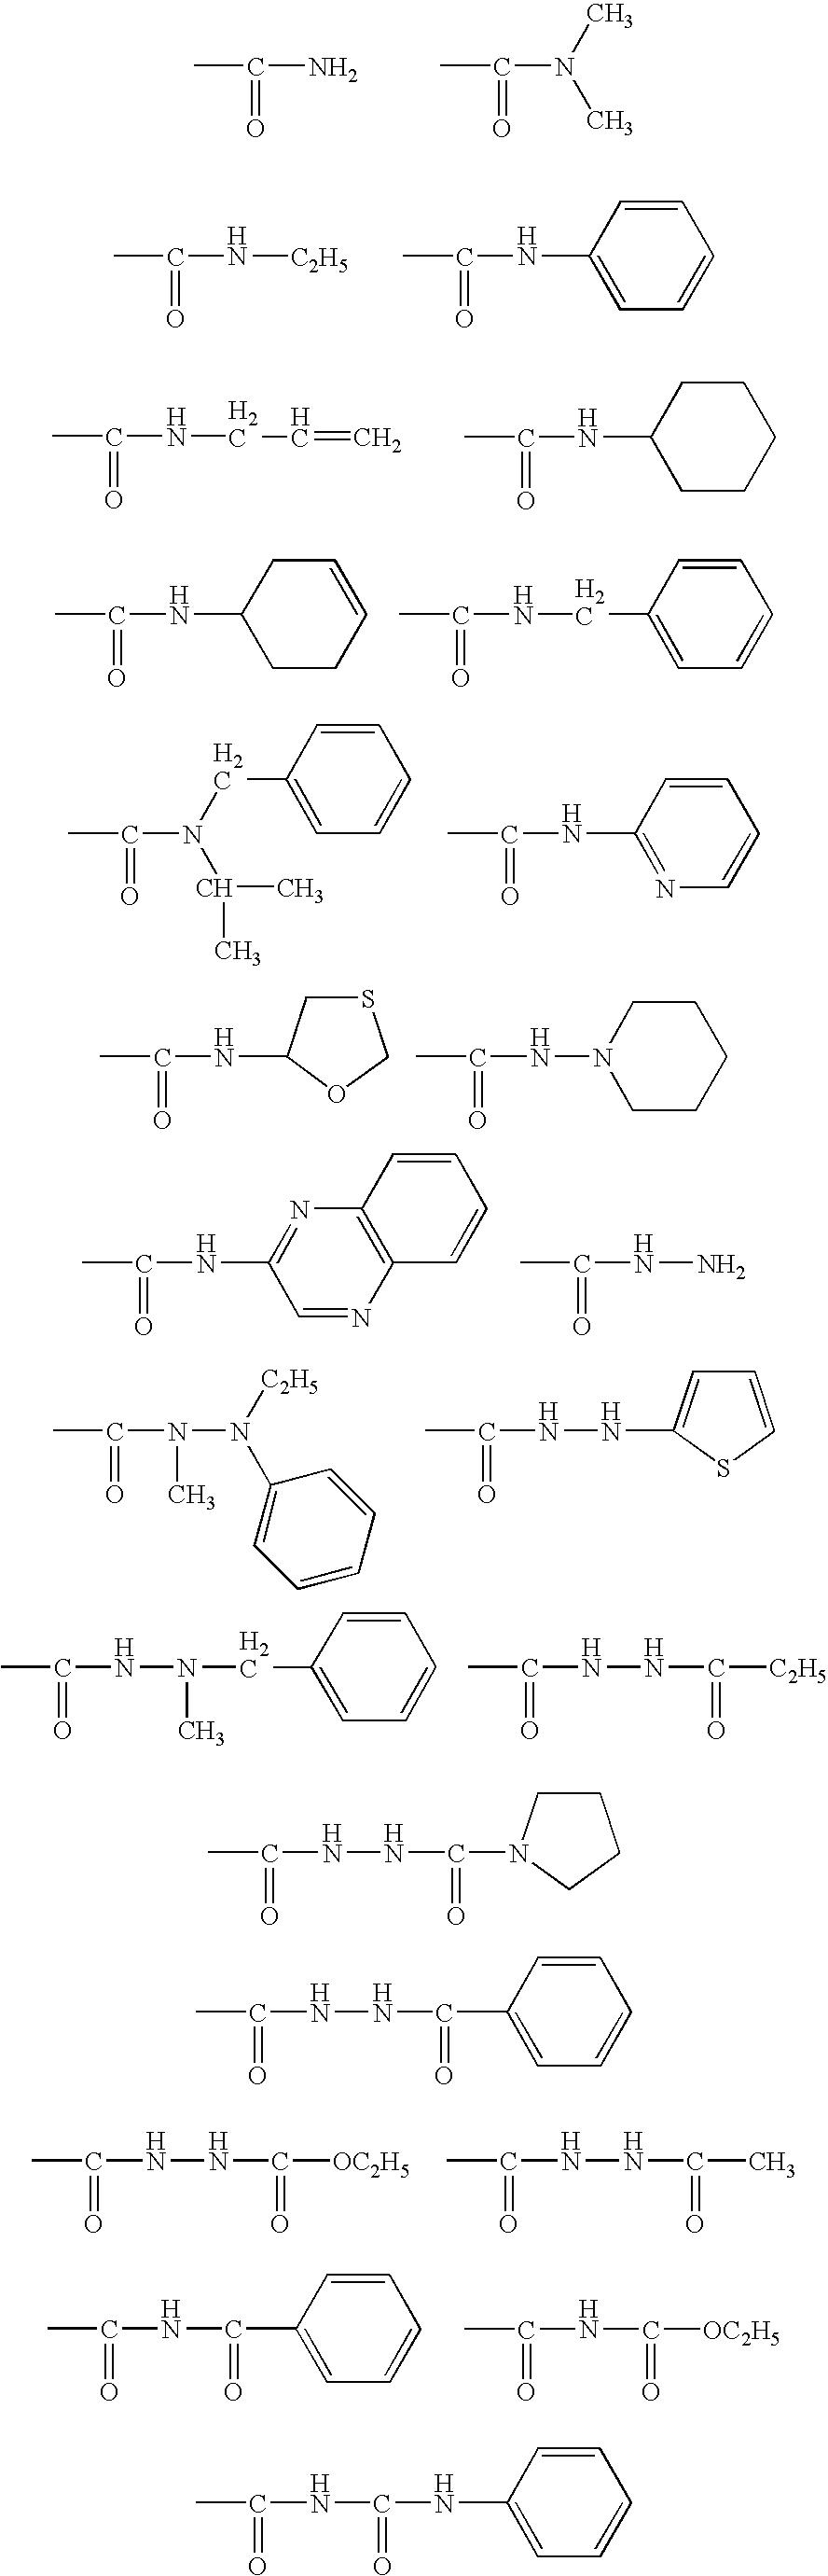 Figure US06815033-20041109-C00012